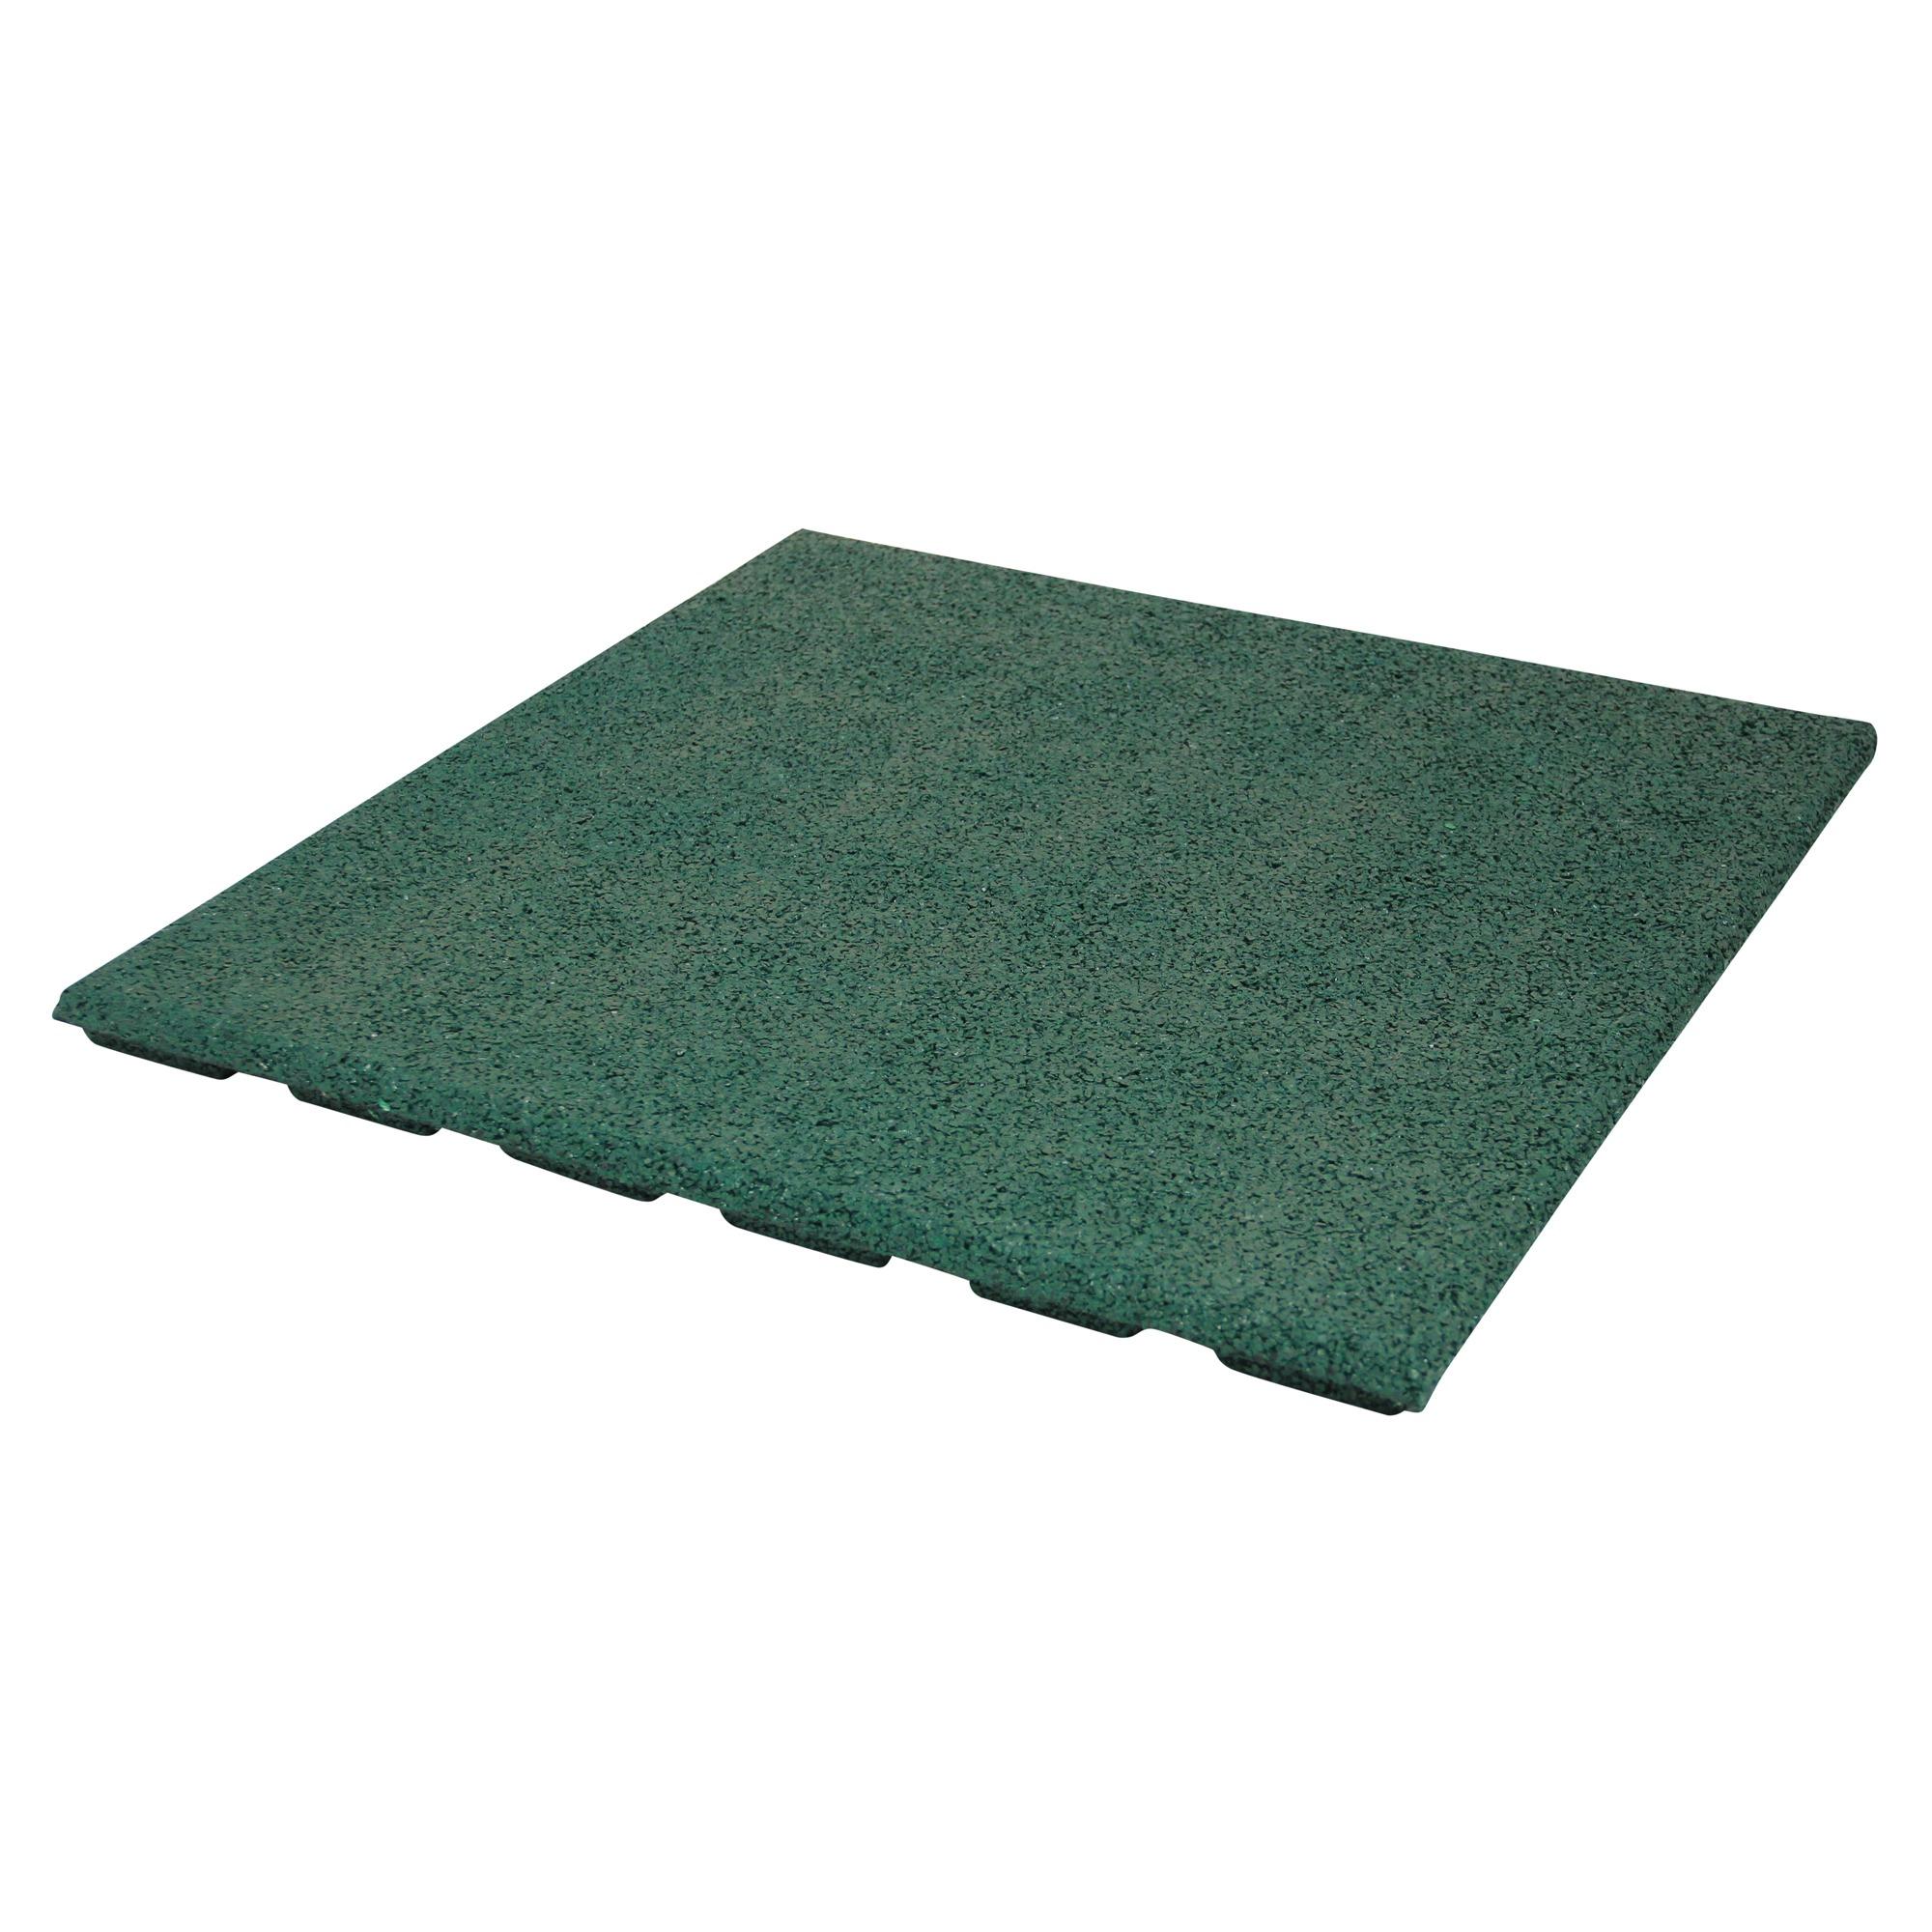 Terrastegel Rubber Groen 50x50 cm - Per Tegel - 0,25 m2